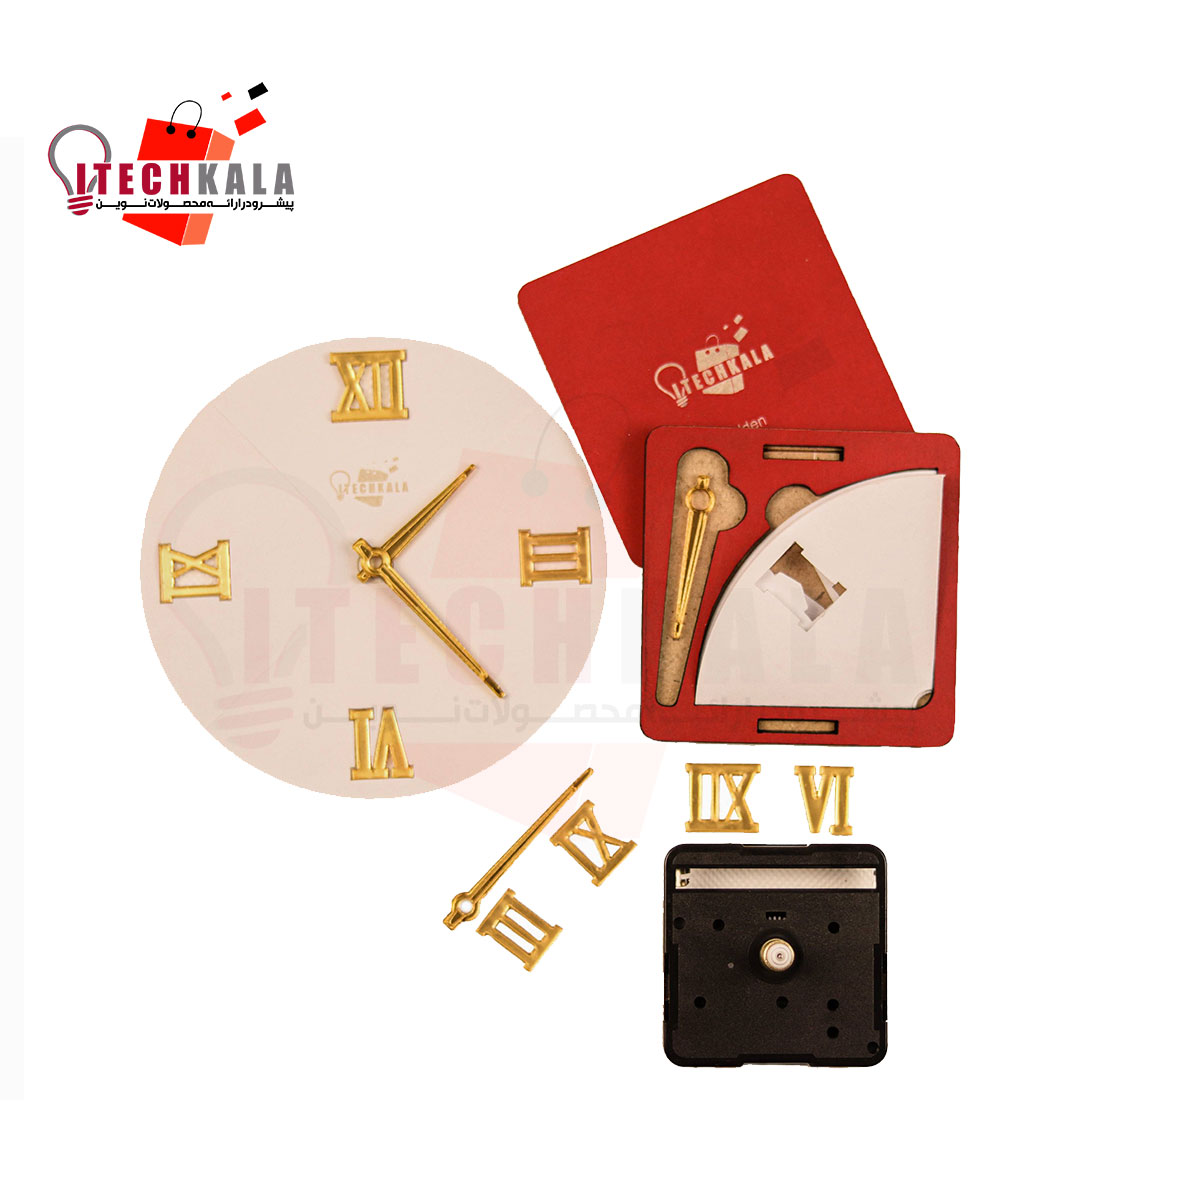 تصویر پک عقربه و شماره ساعت به همراه موتور ساعت